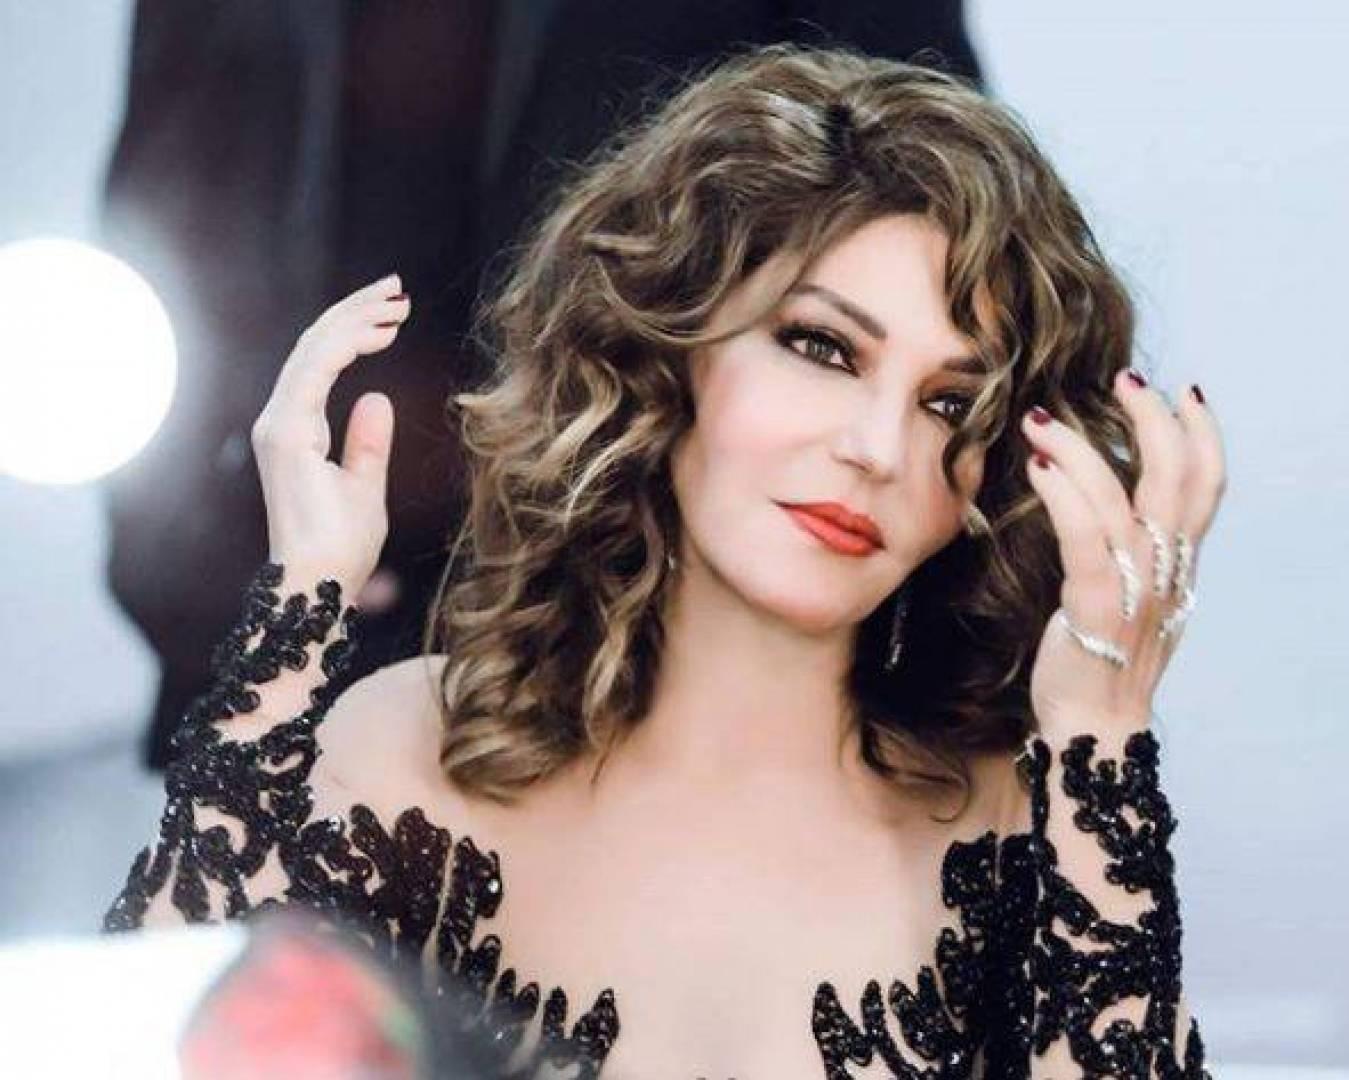 فيديو كليب سميرة سعيد الجديد معنديش وقت 2018 مشاهير